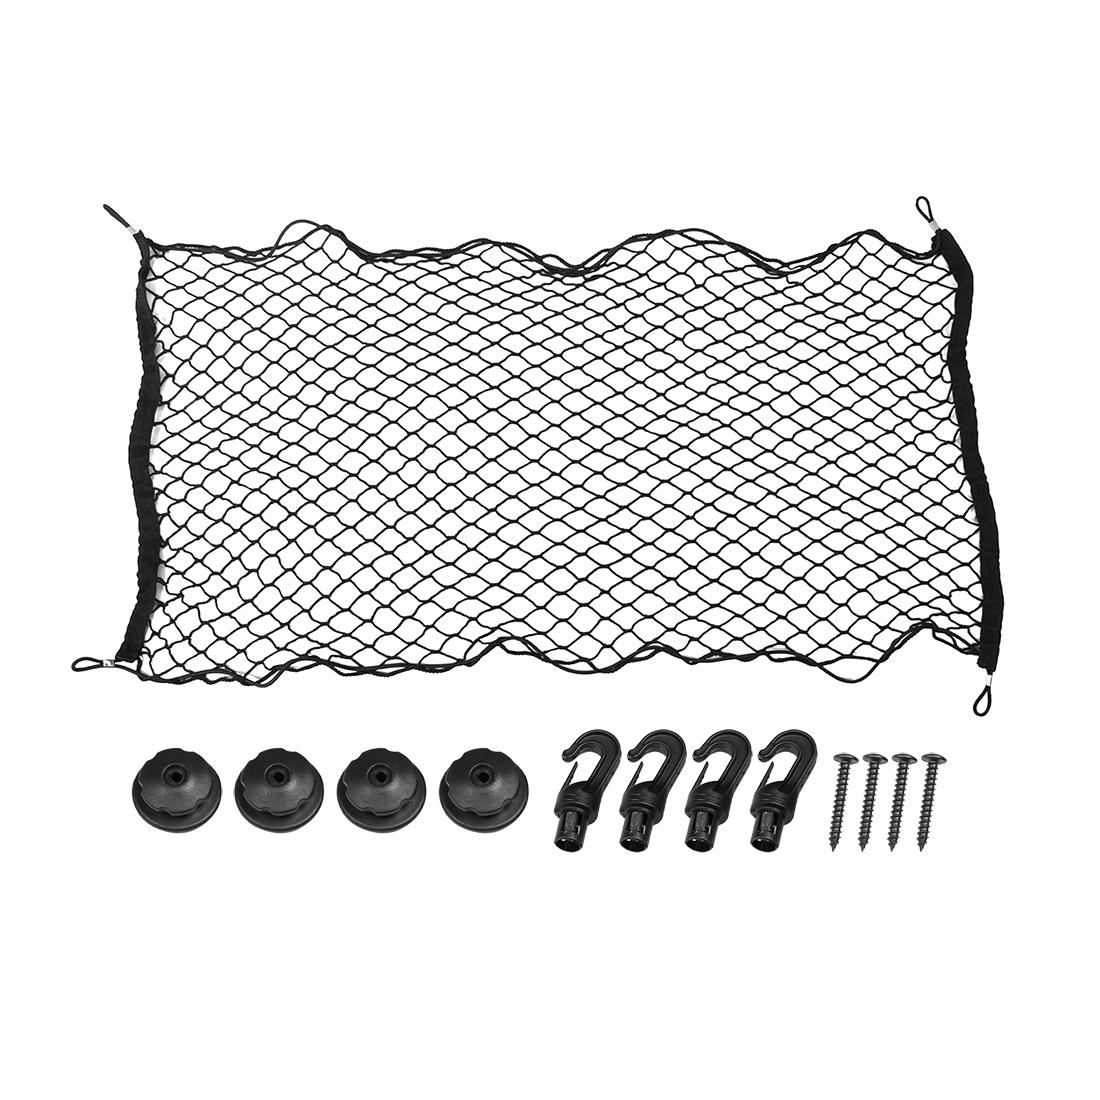 Car Black Nylon Rear Trunk Luggage Net Cargo Storage Organizer Mesh 110 x 60cm